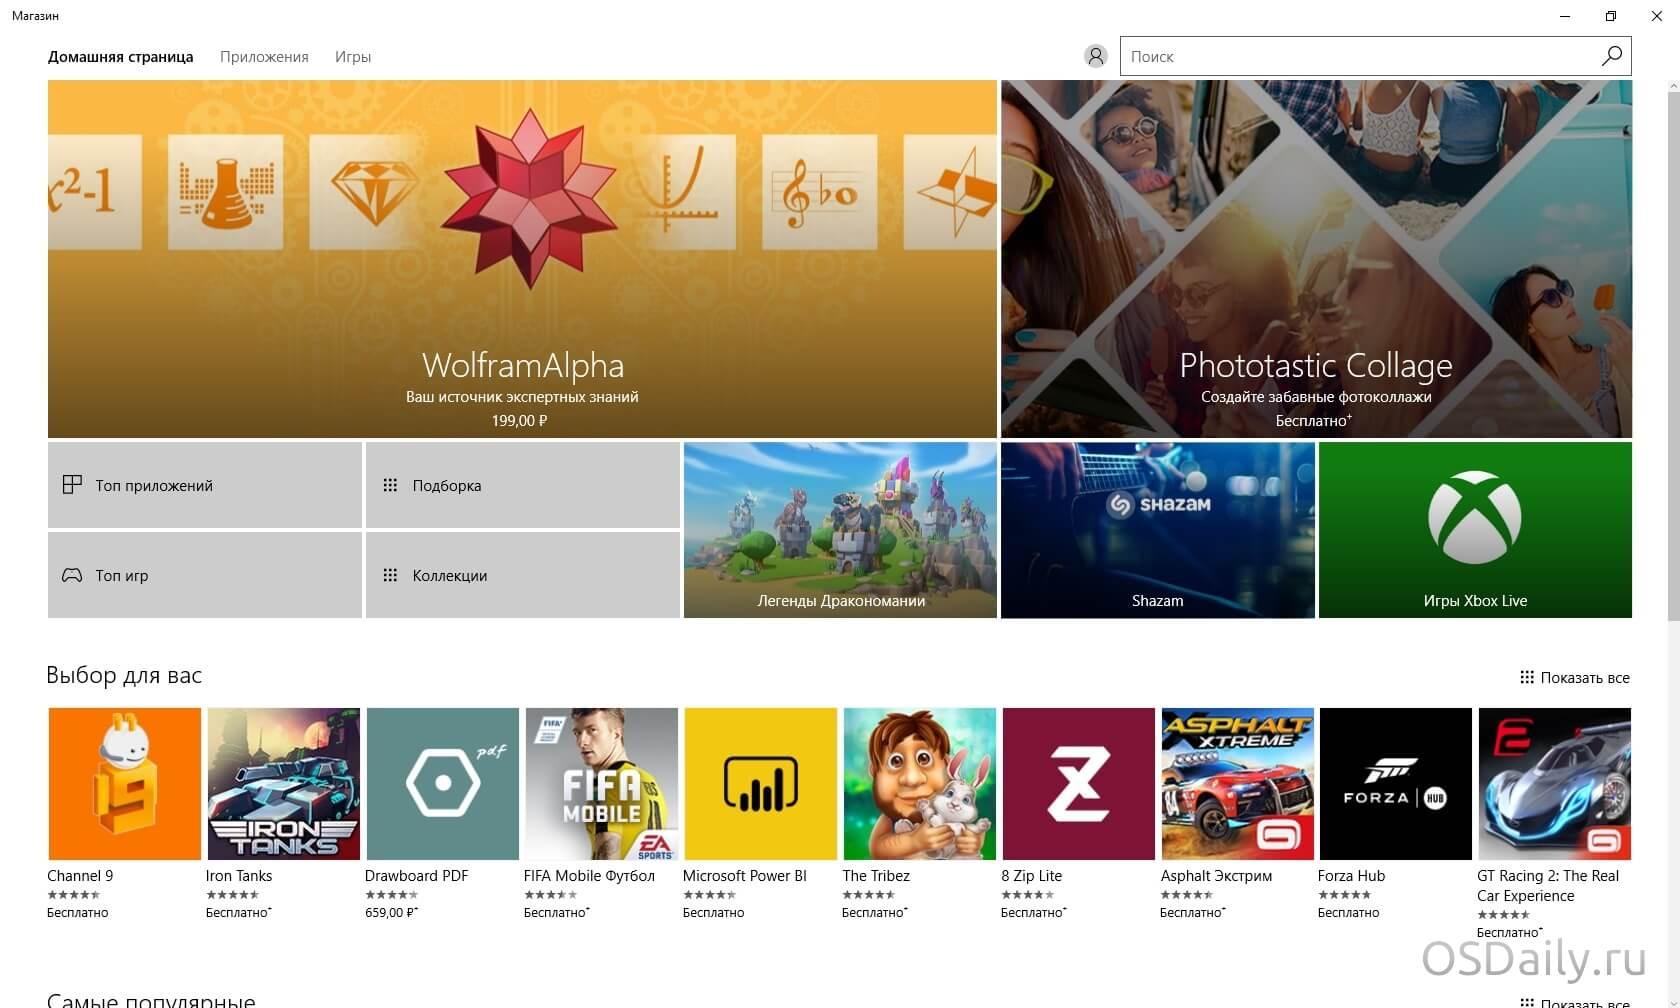 Как скачивать приложения в магазине Windows Store с локальной учётной записью